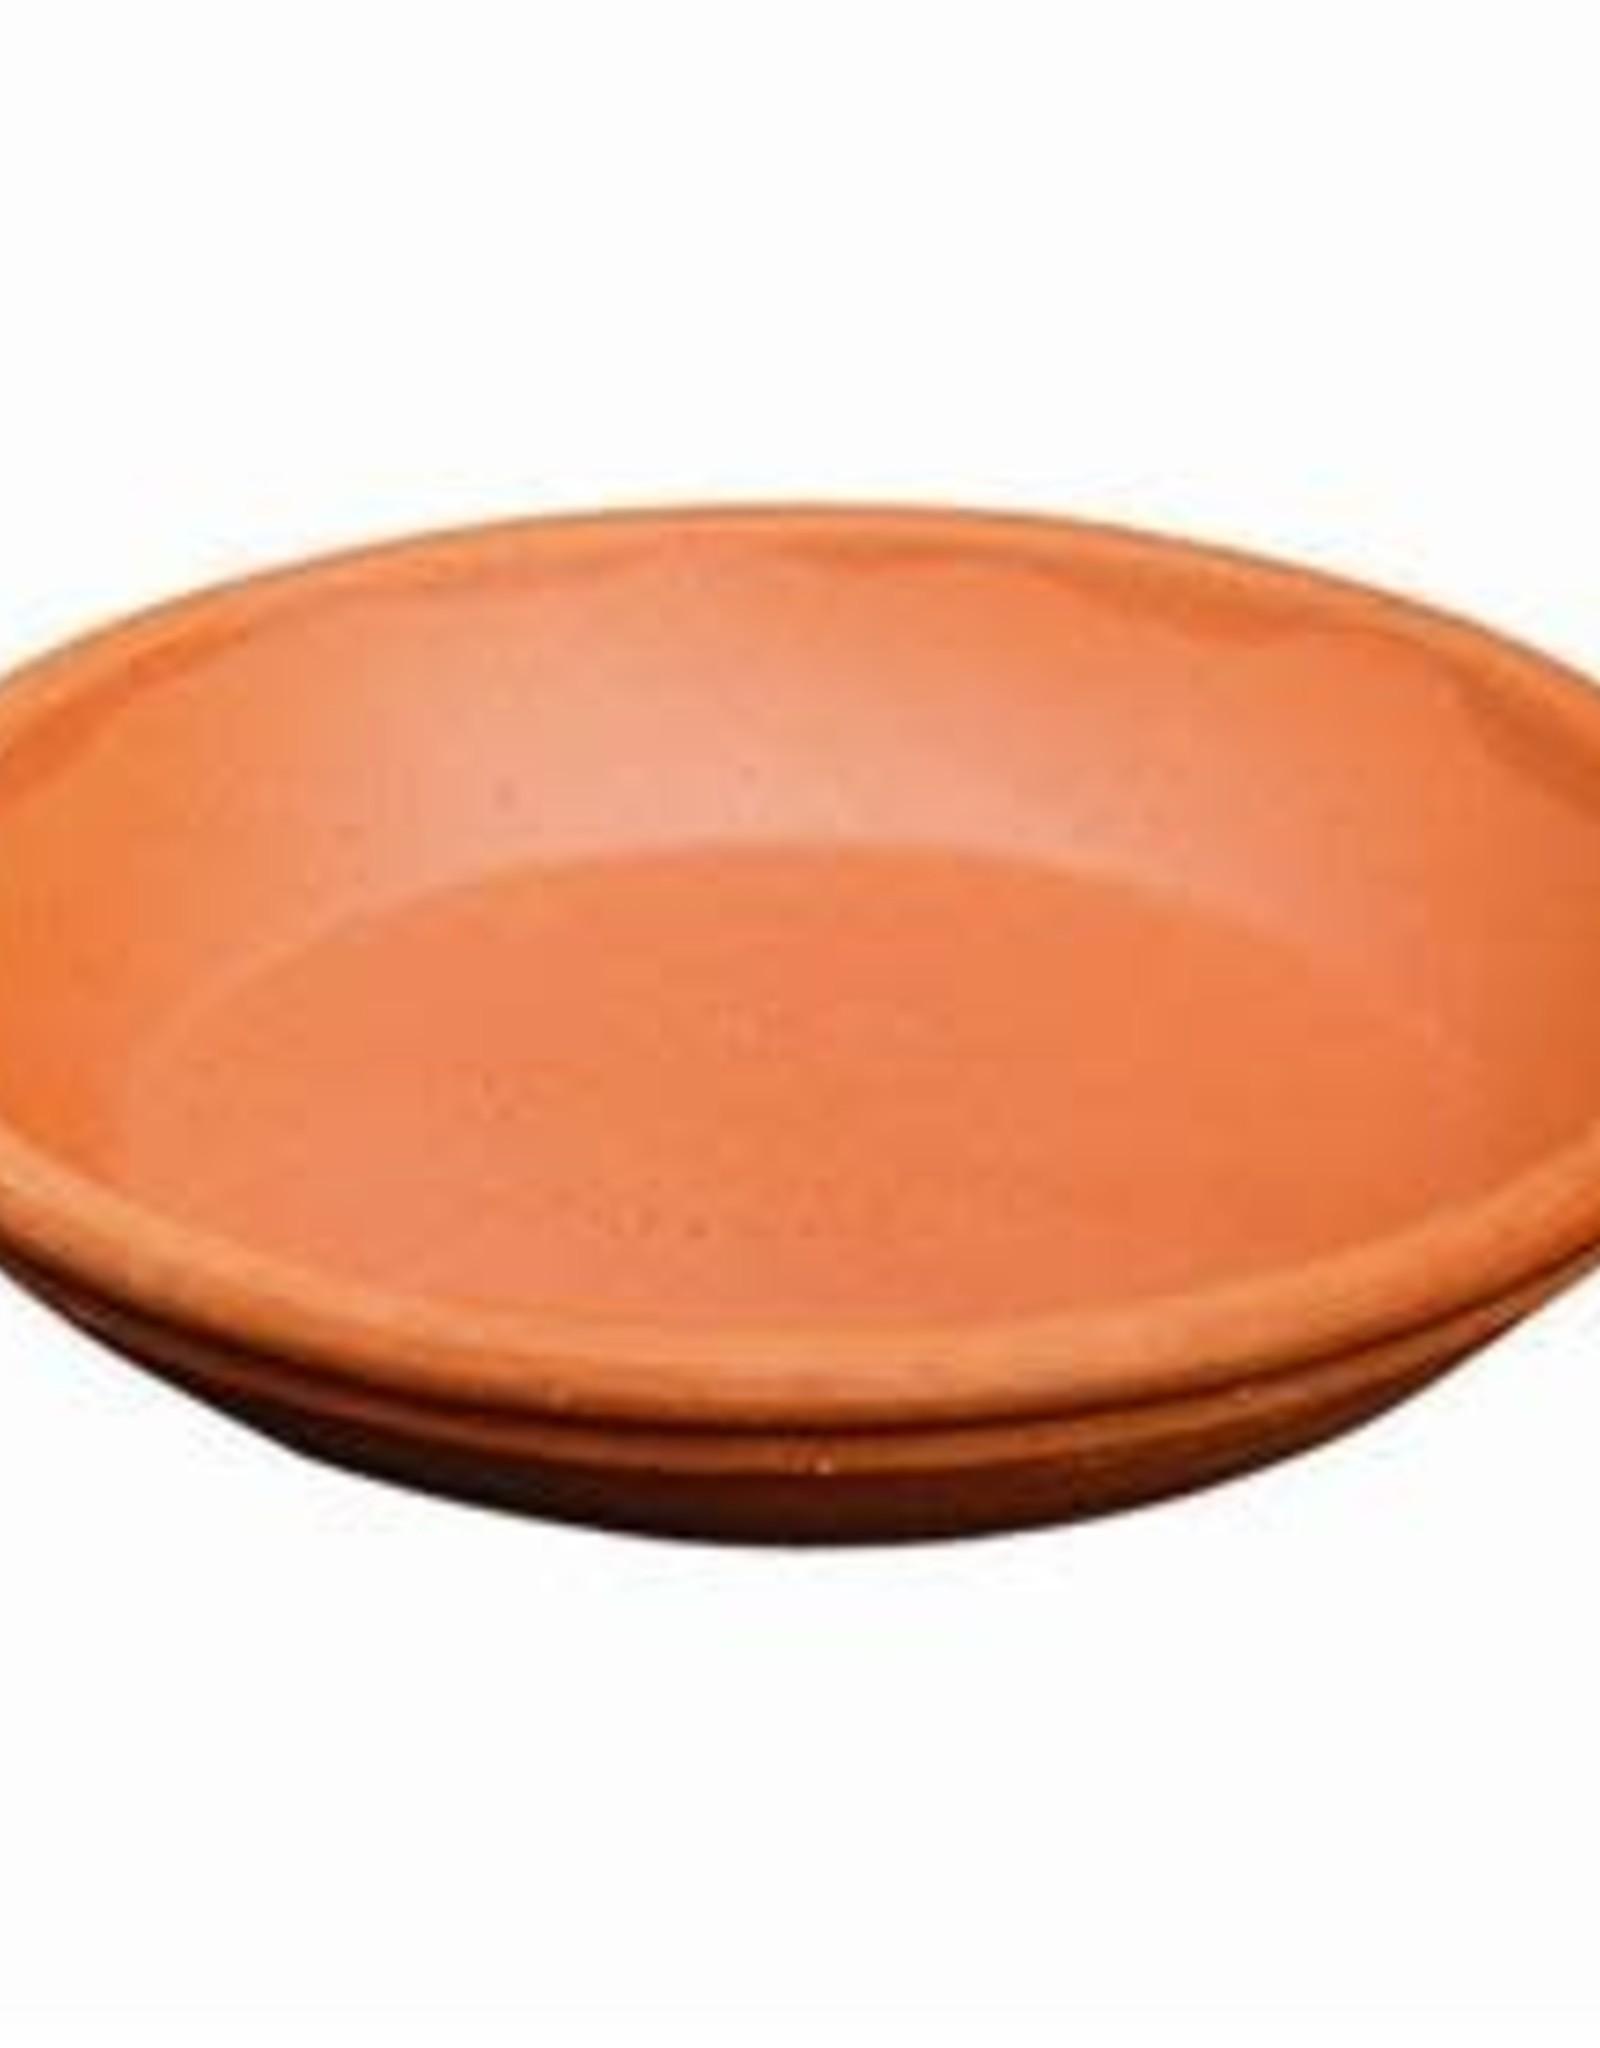 Van Der Gucht Terracotta saucer ∅ 15cm